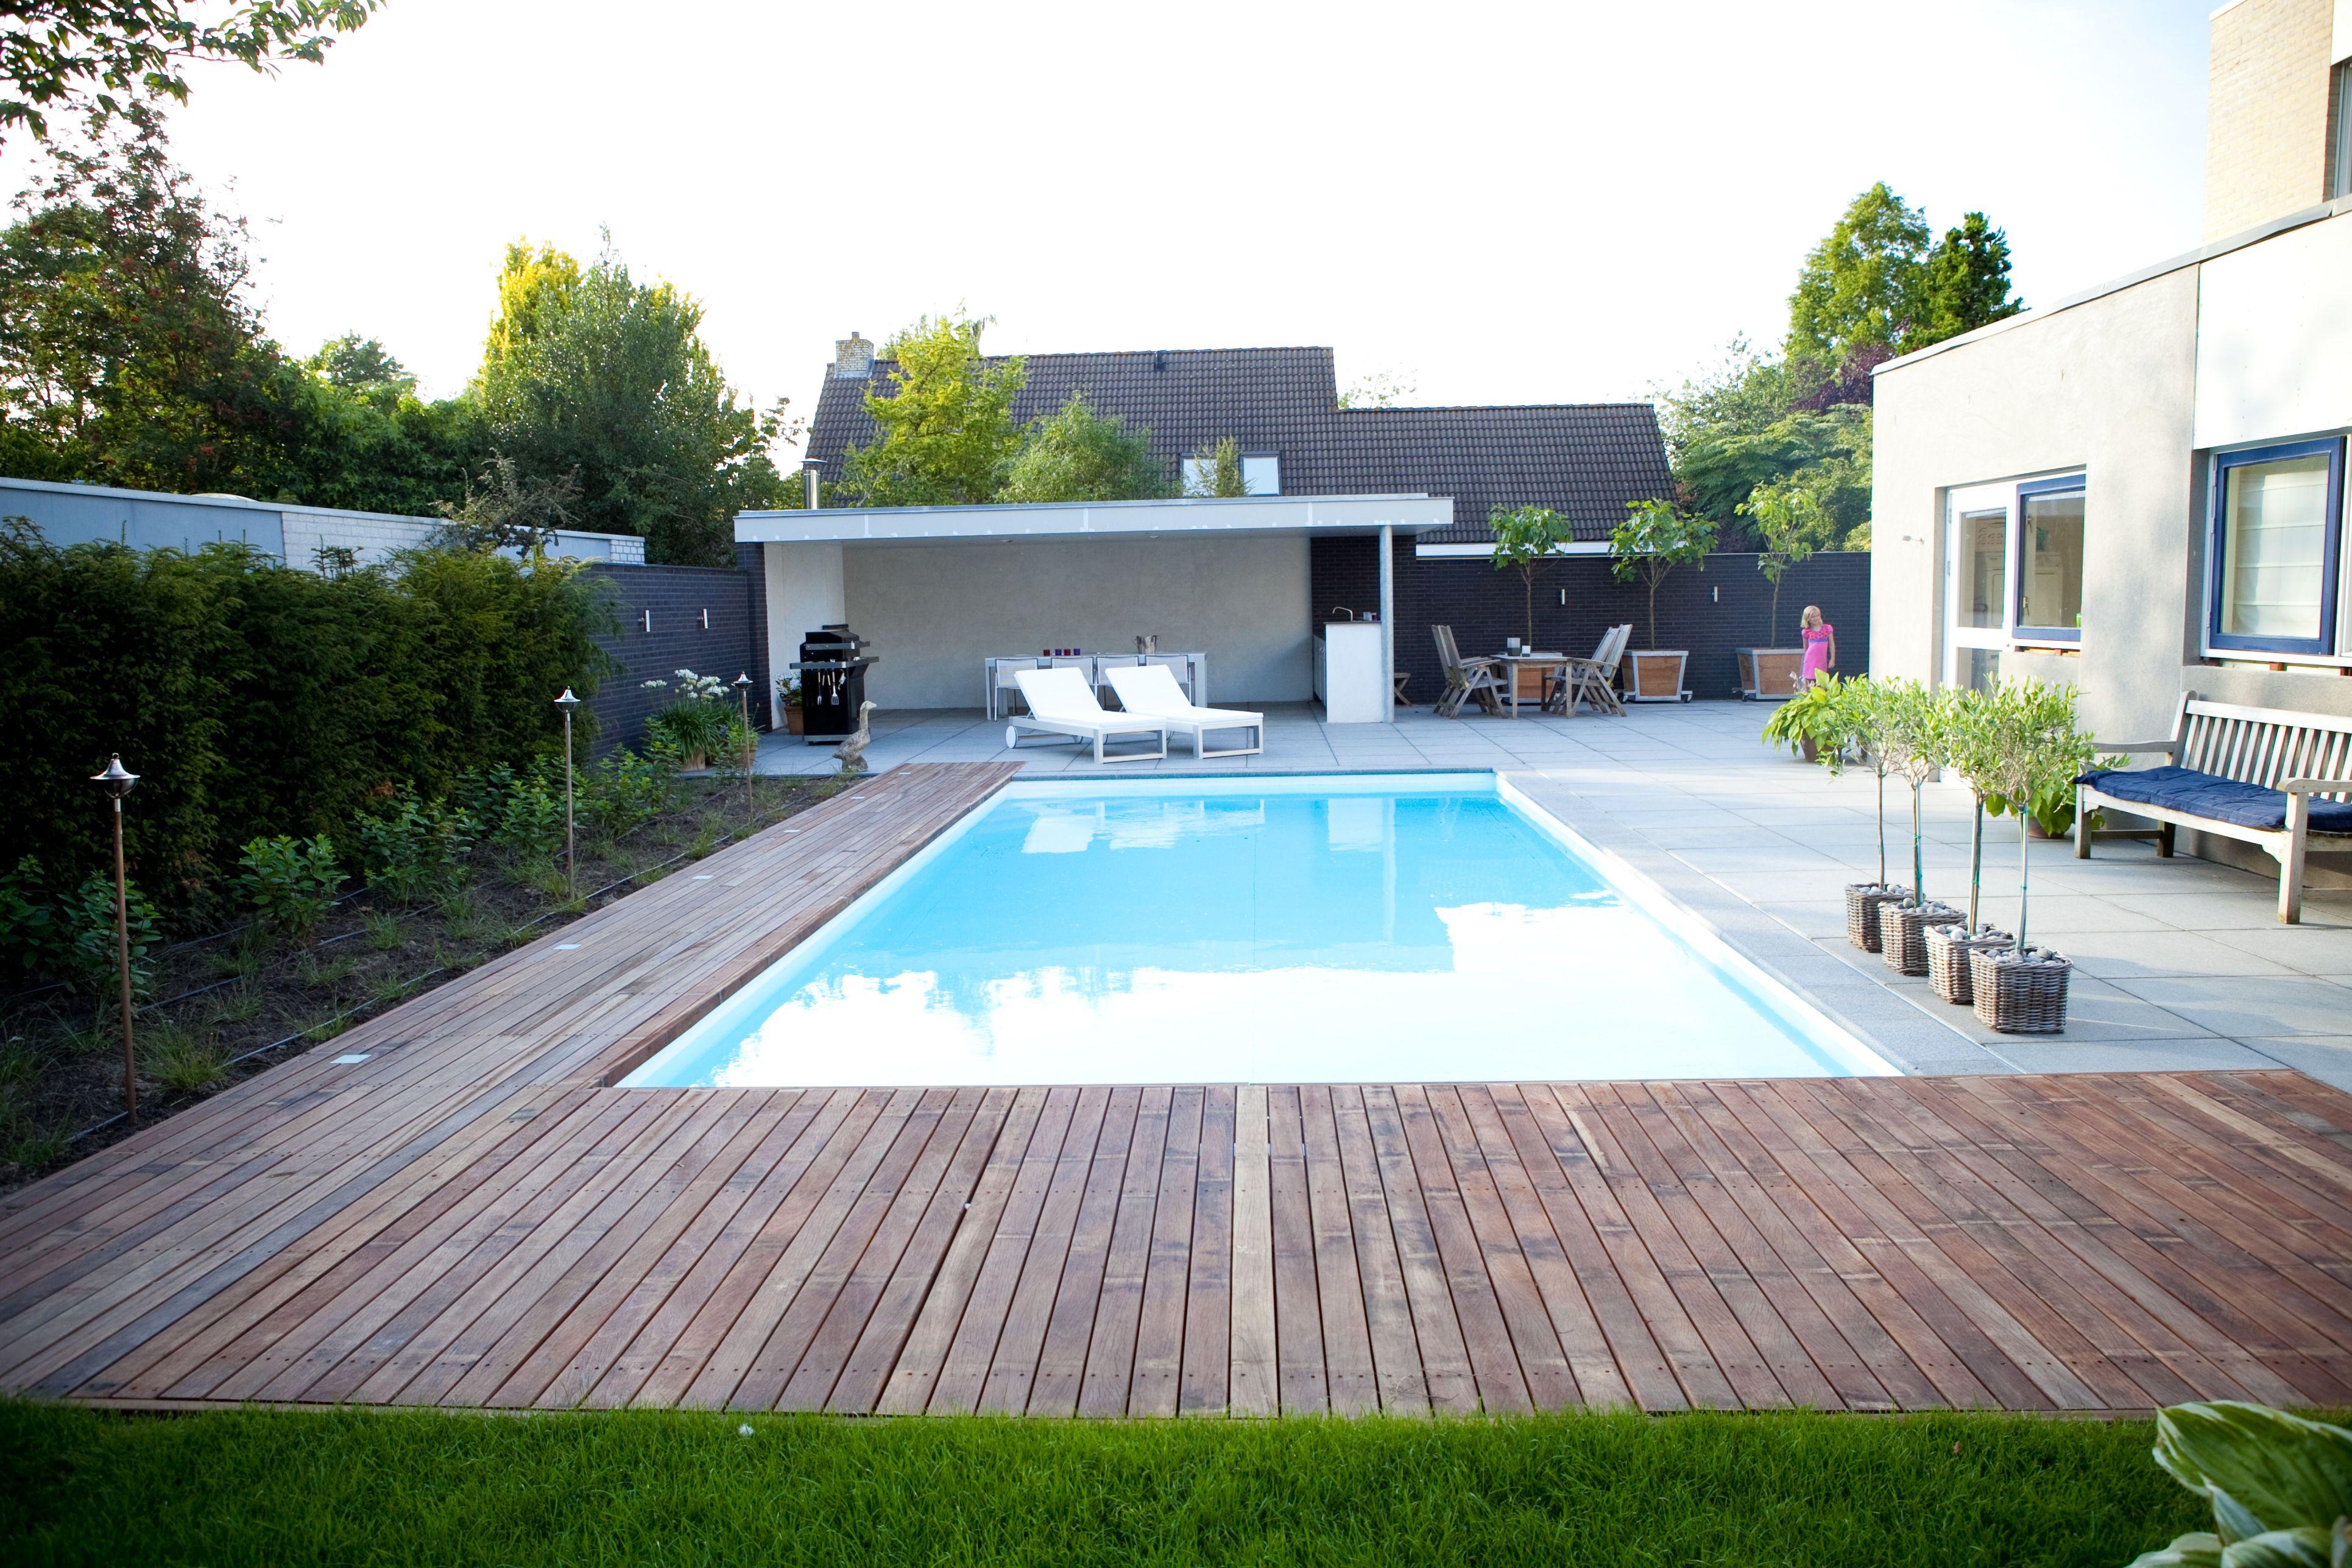 Moderne tuin in zeewolde met zwembad houten vlonders en overdekt terras met buitenkeuken - Terras met zwembad ...